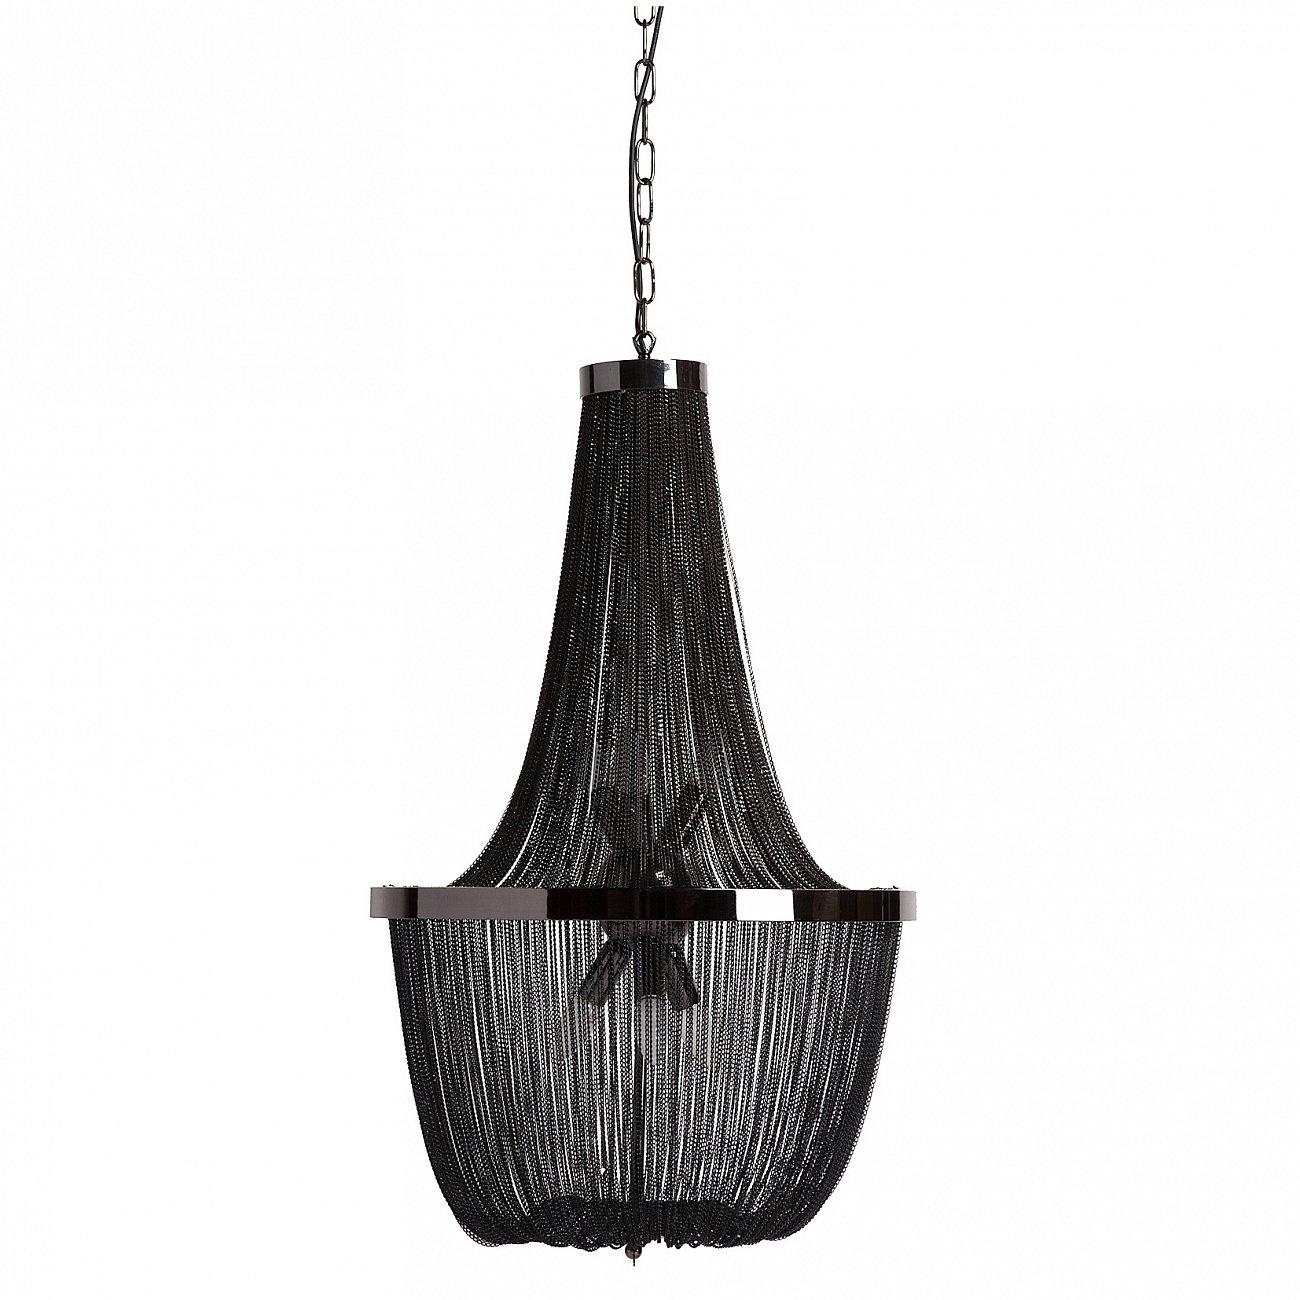 Купить Люстра Classico в интернет магазине дизайнерской мебели и аксессуаров для дома и дачи